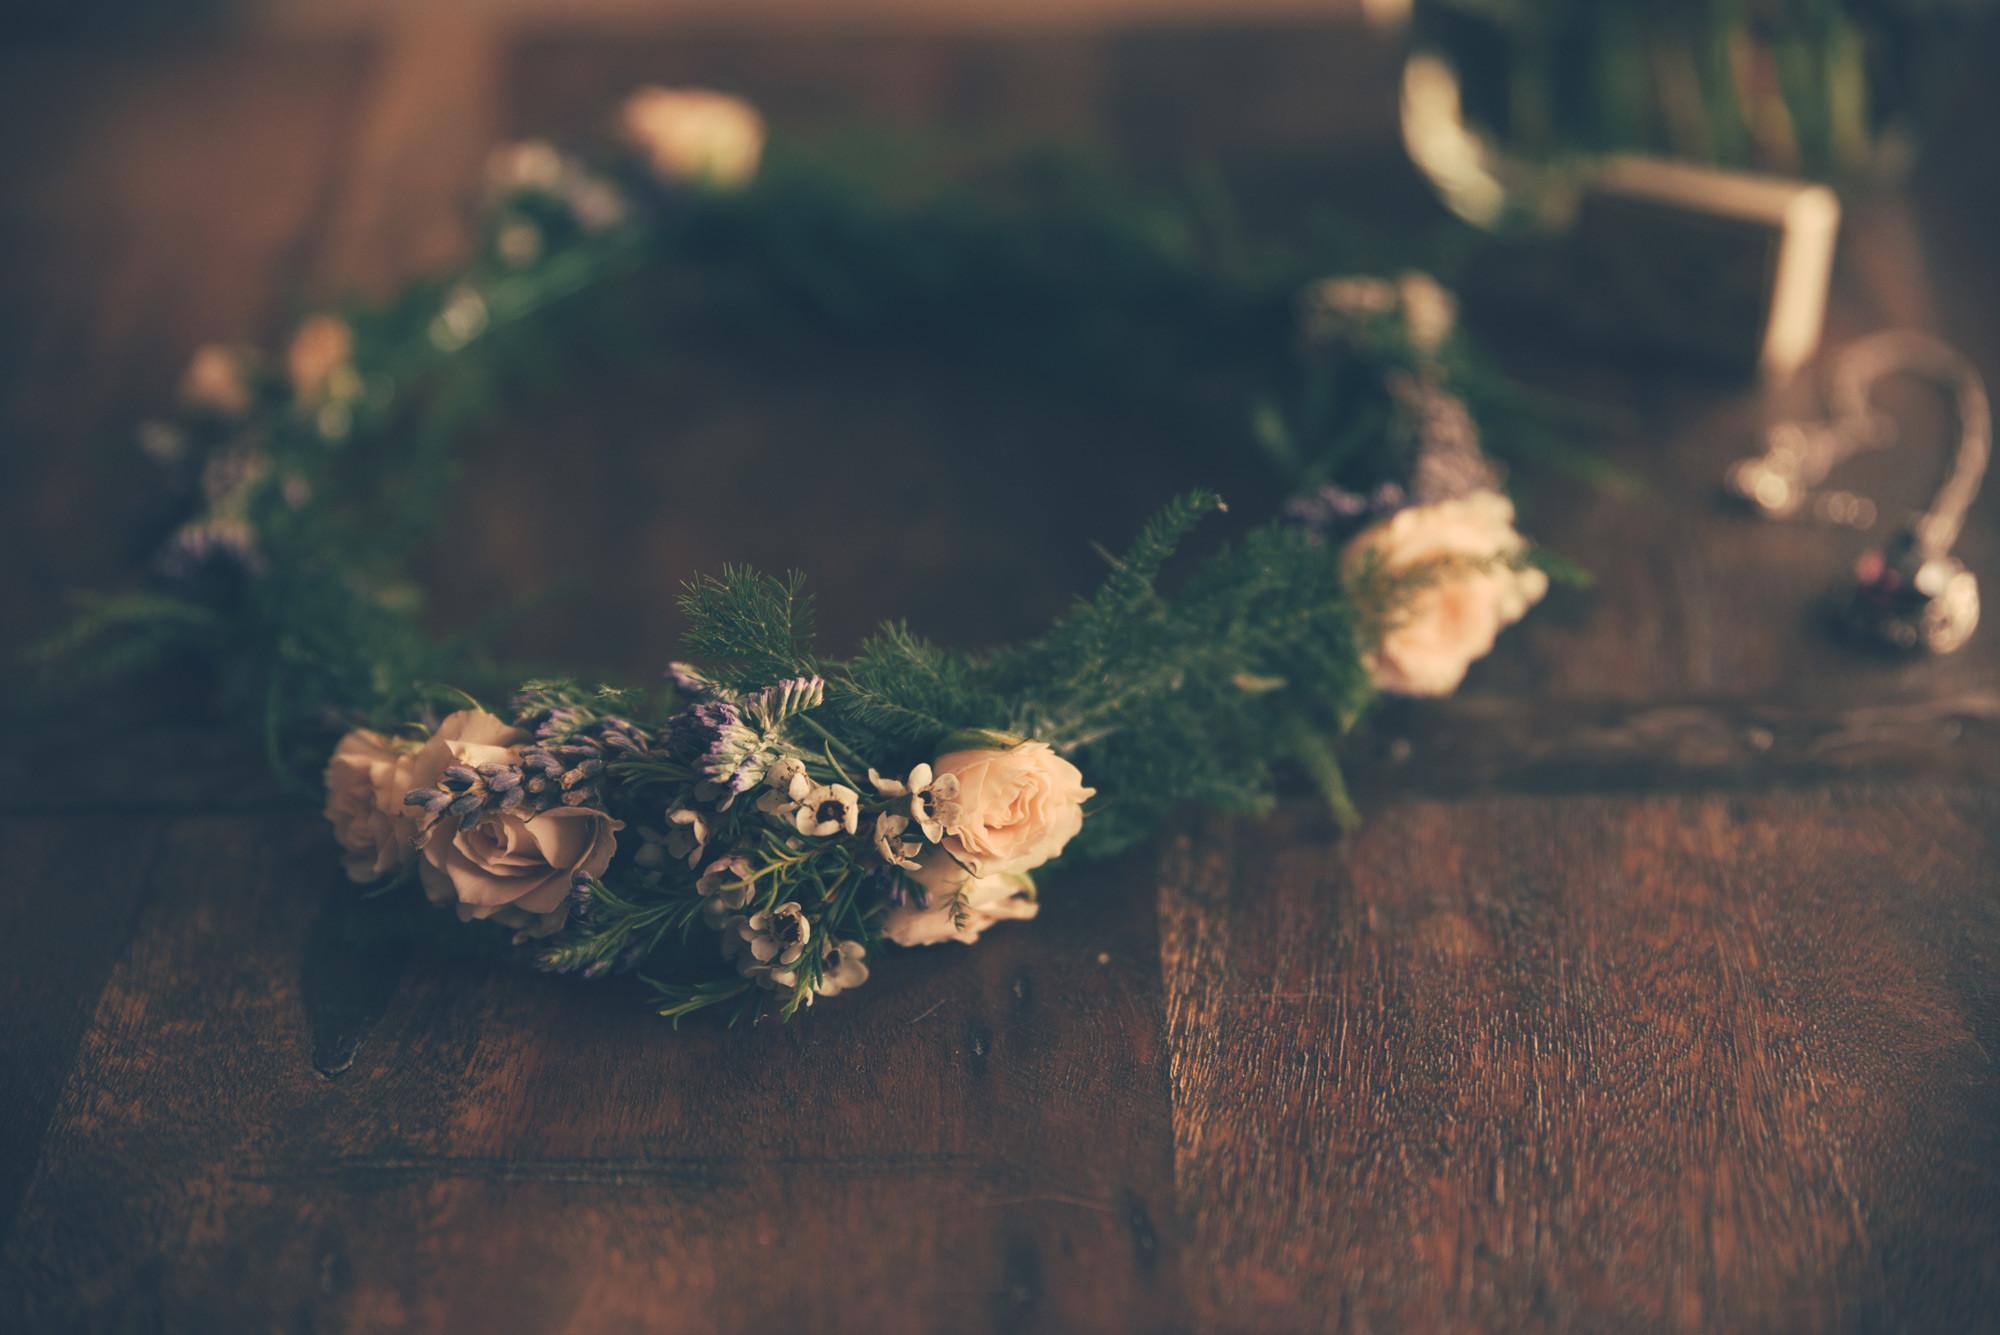 fotografos de boda, wedding photography, vintage wedding